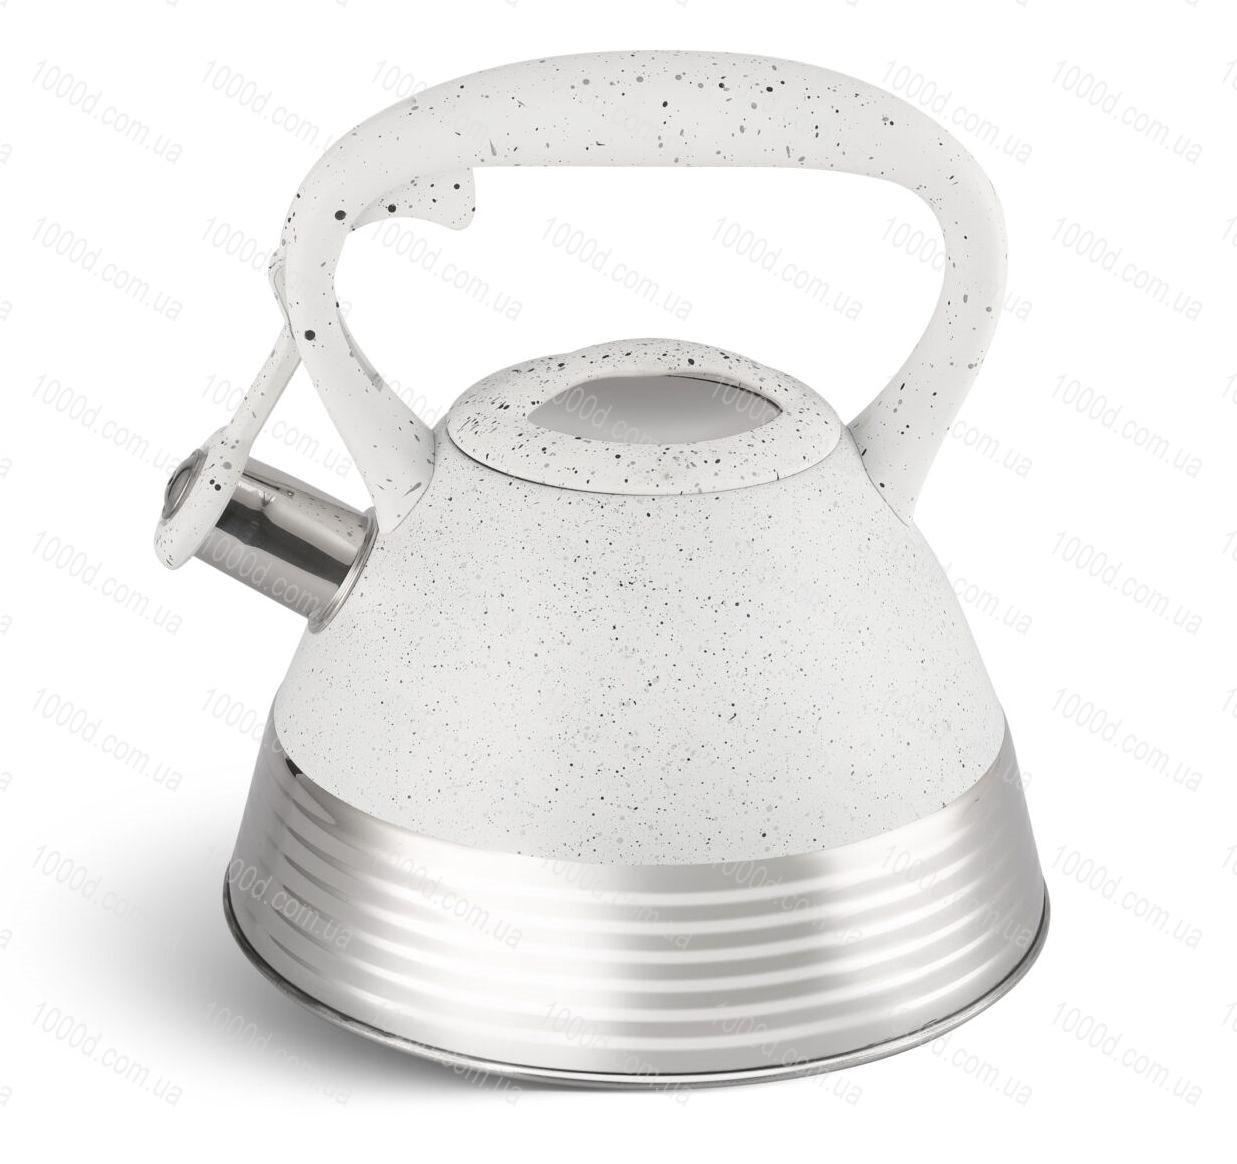 Чайник з нержавіючої сталі зі свистком Edenberg 3.0 л Білий (EB-8827W)